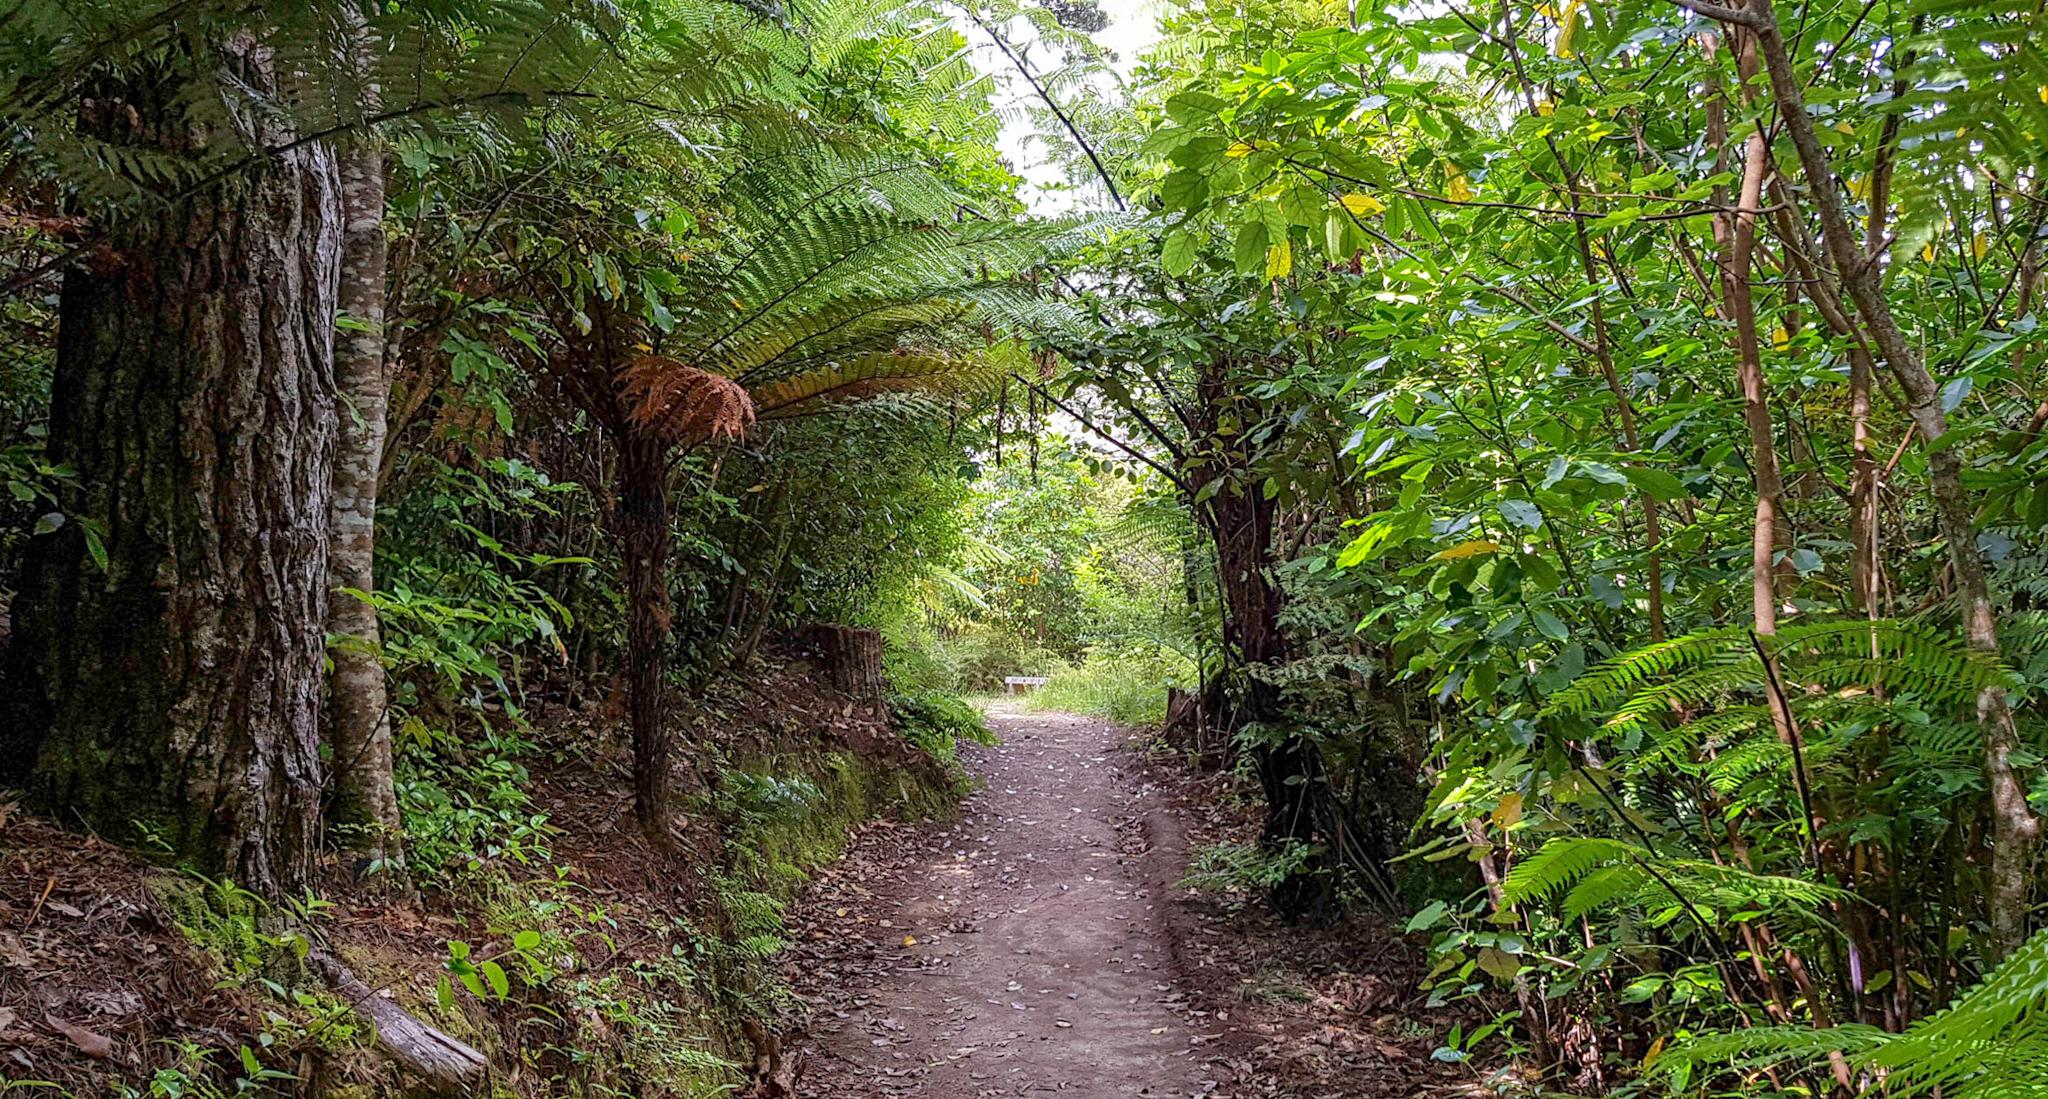 Wanderwege im Zealandia Naturschutzreservoir